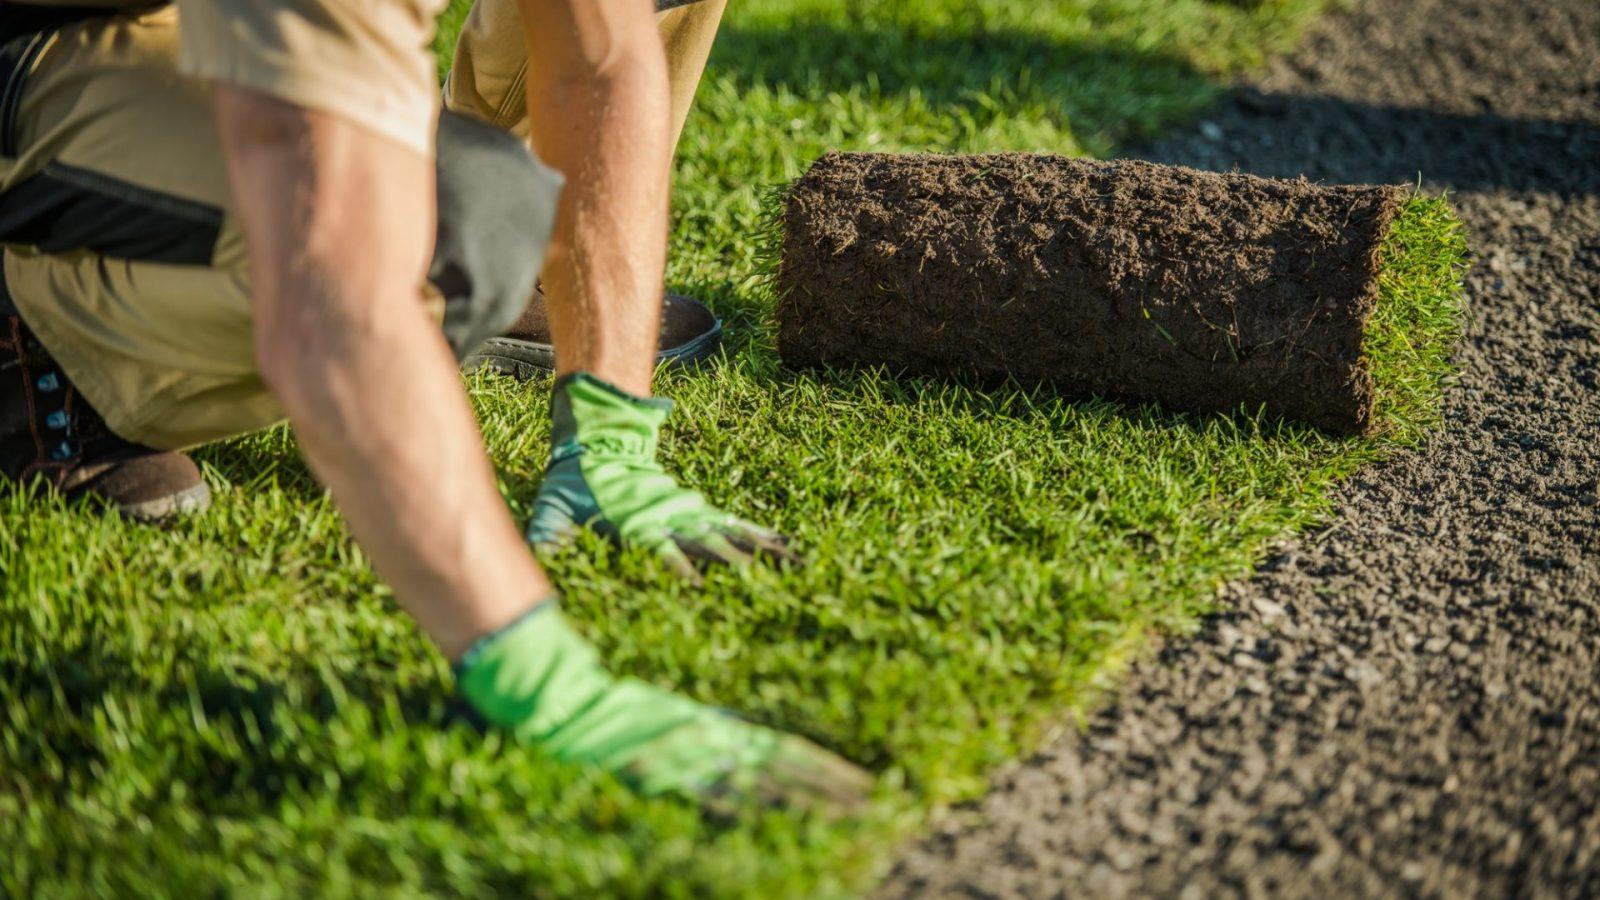 Rollrasen, bester Rollrasen 2021, Premium Rollrasen für deinen Garten, Rollrasen Köln